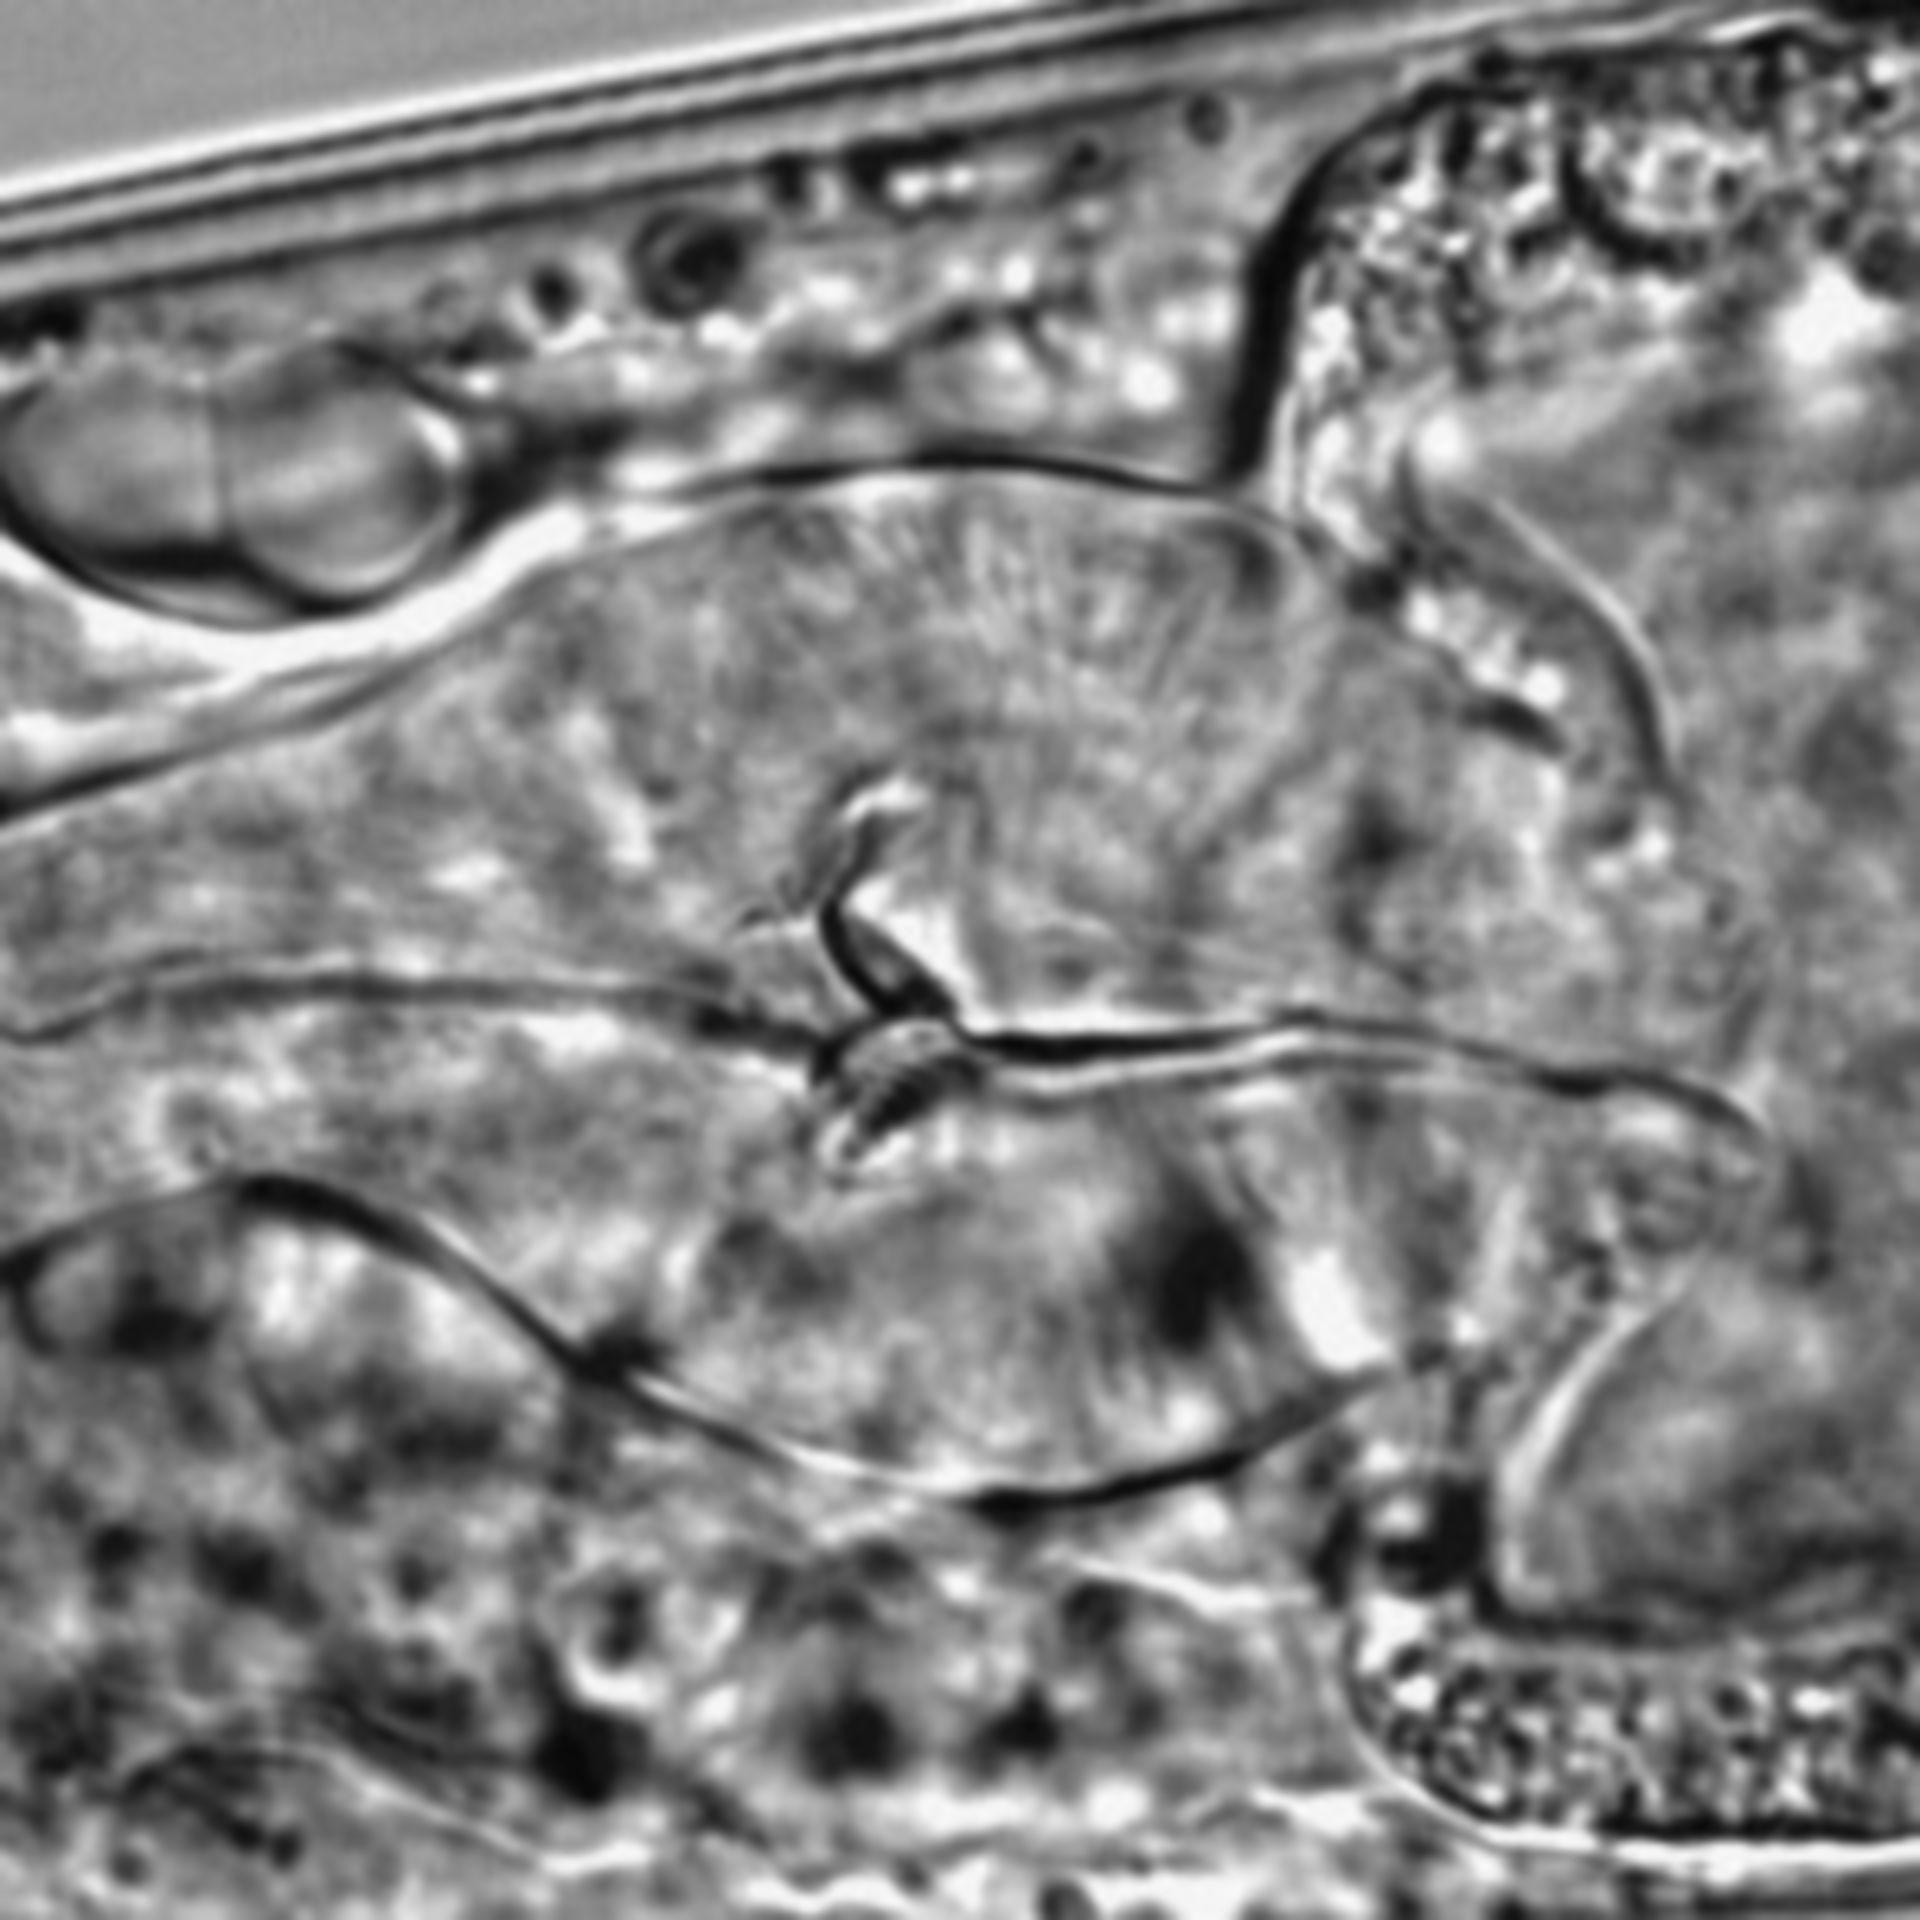 Caenorhabditis elegans - CIL:1607